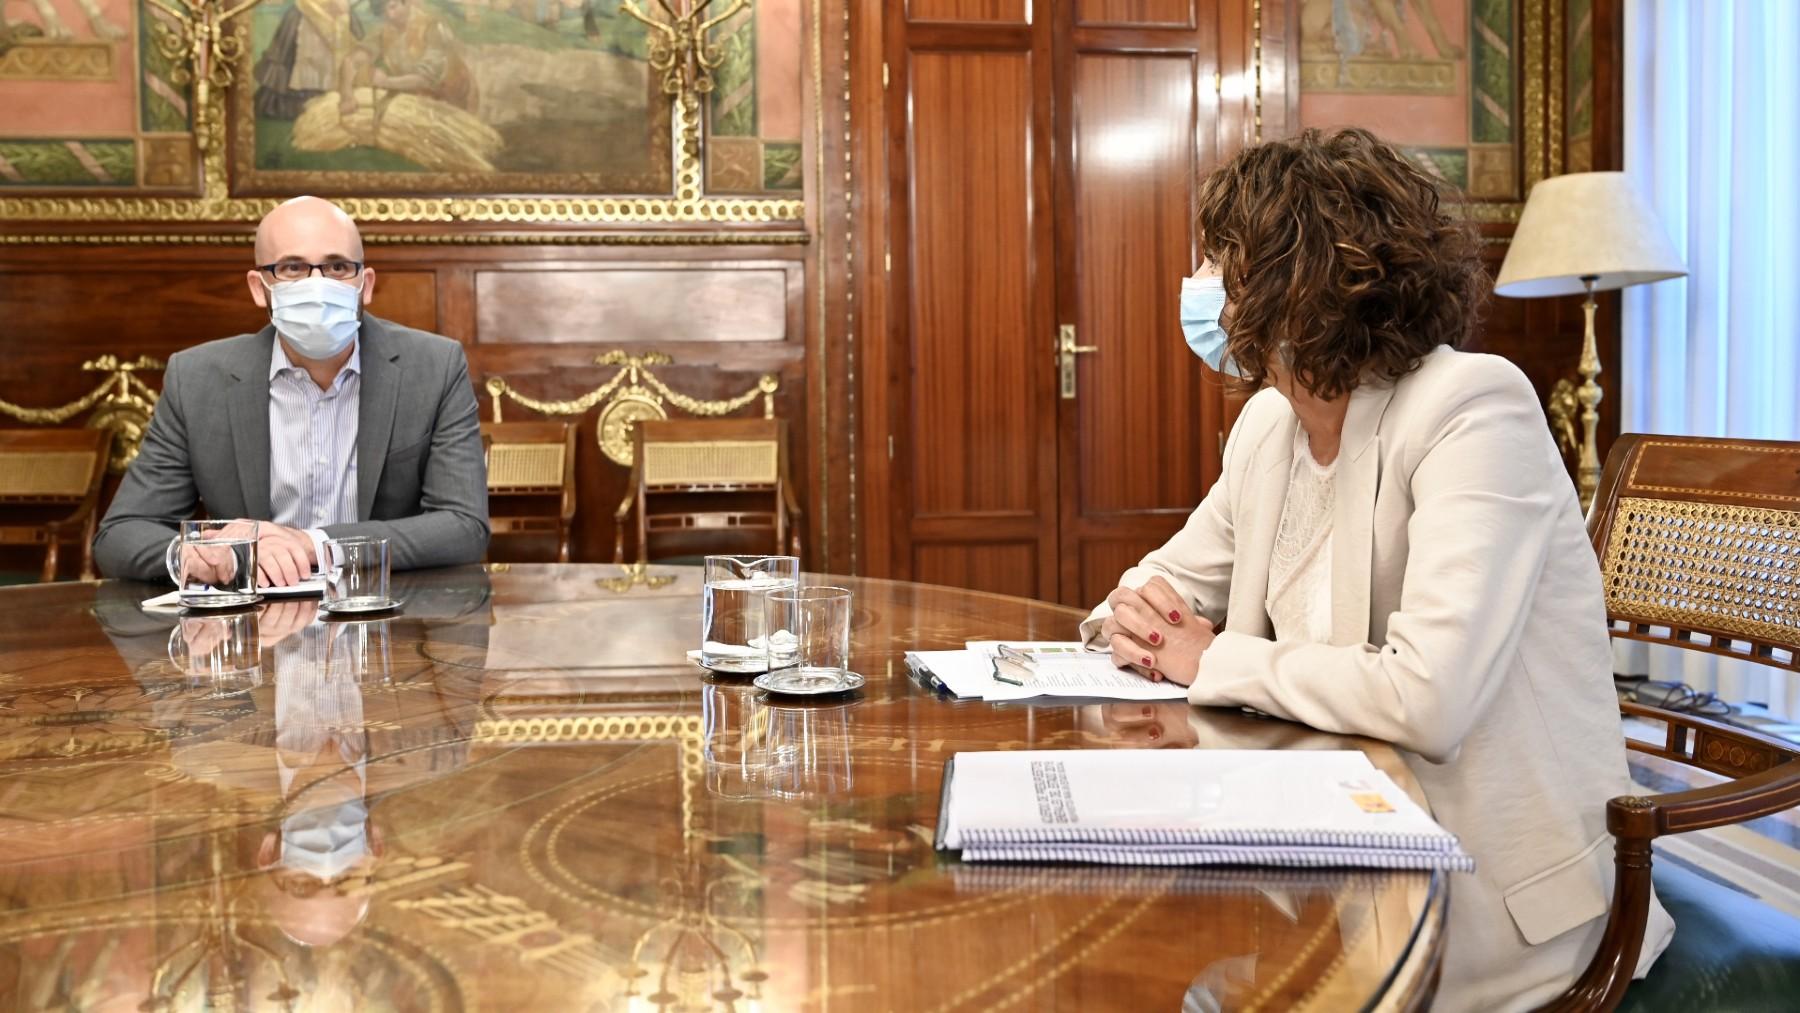 La ministra de Hacienda, María Jesús Montero (PSOE), y el secretario de Estado de Derechos Sociales, Nacho Álvarez (Podemos).